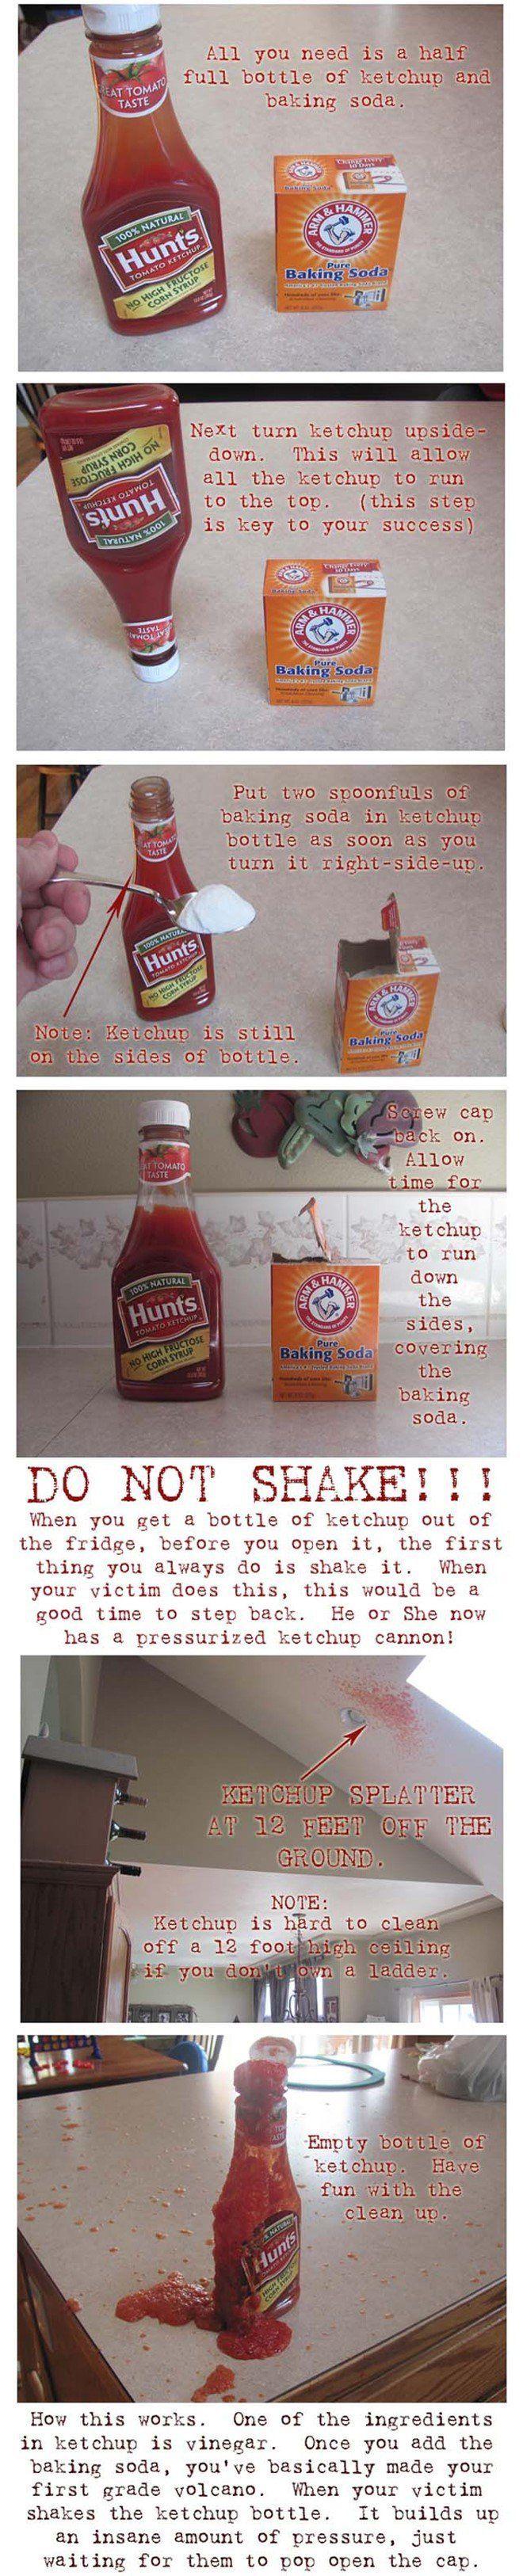 Ketchup April Fools Prank